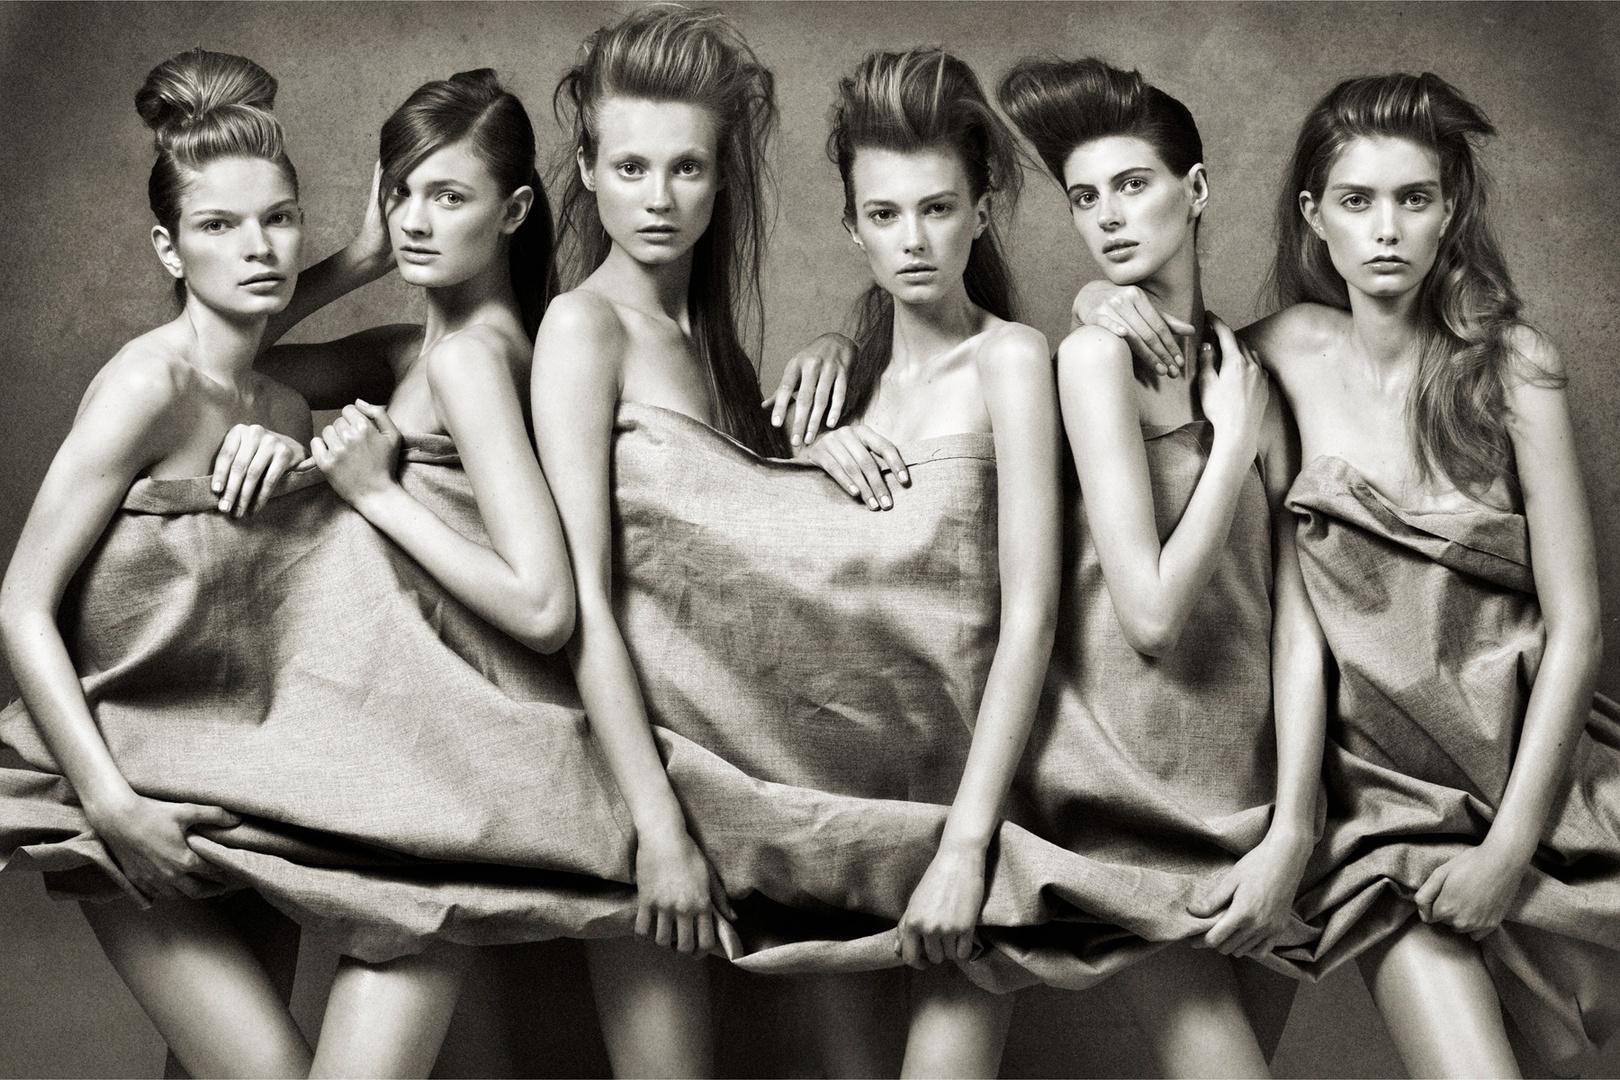 Vogue Paris. Charlotte Di Calypso, Constance Jablonski, Jennifer Messelier, Mathilde Frachon, Melodi